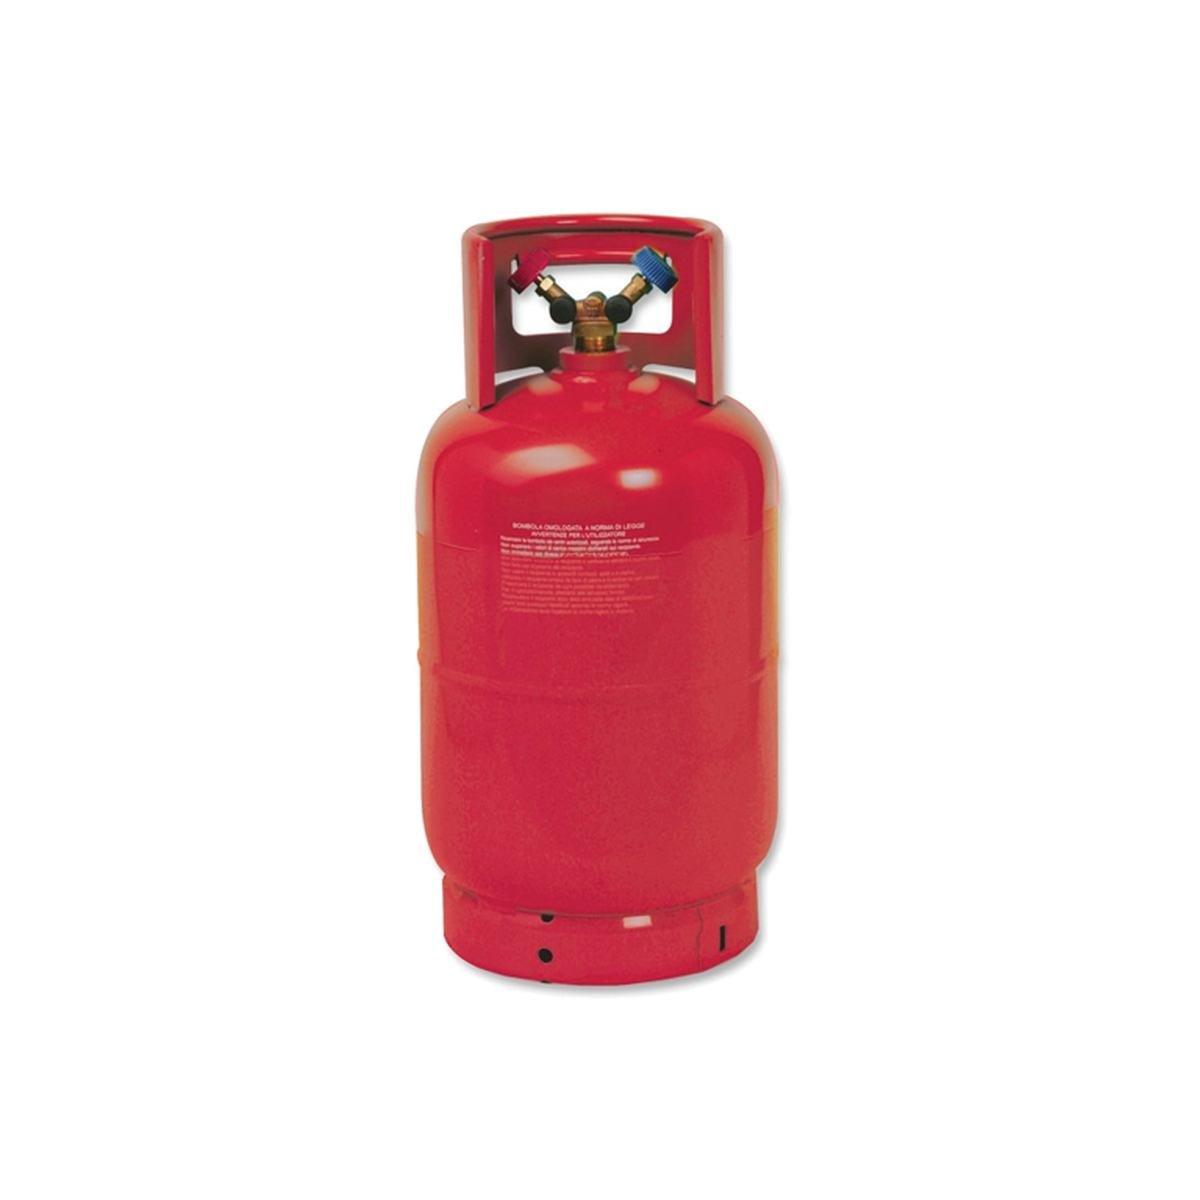 Flaska till R32 köldmedium tom 12,5 liter